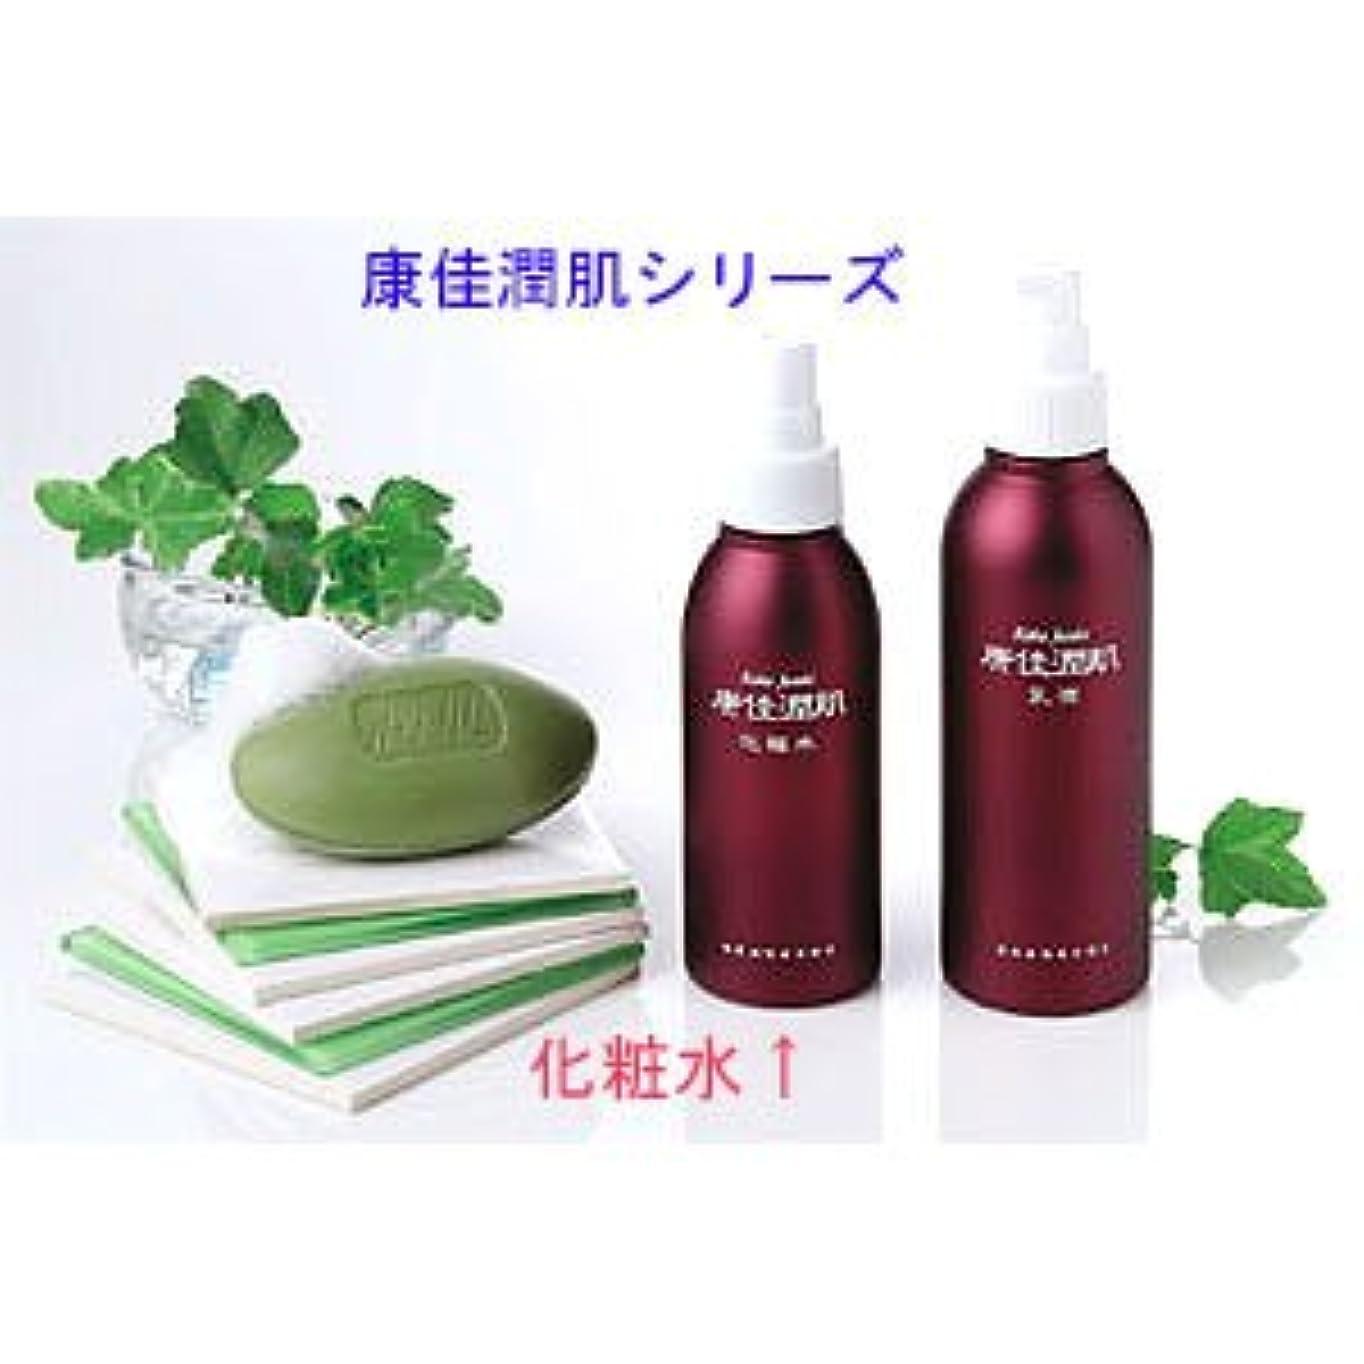 定常回るご飯『康佳潤肌(こうかじゅんき)化粧水』赤ちゃん、アトピー、敏感肌の方のために!医師が開発した保湿と清浄に優れた漢方薬入り化粧品。